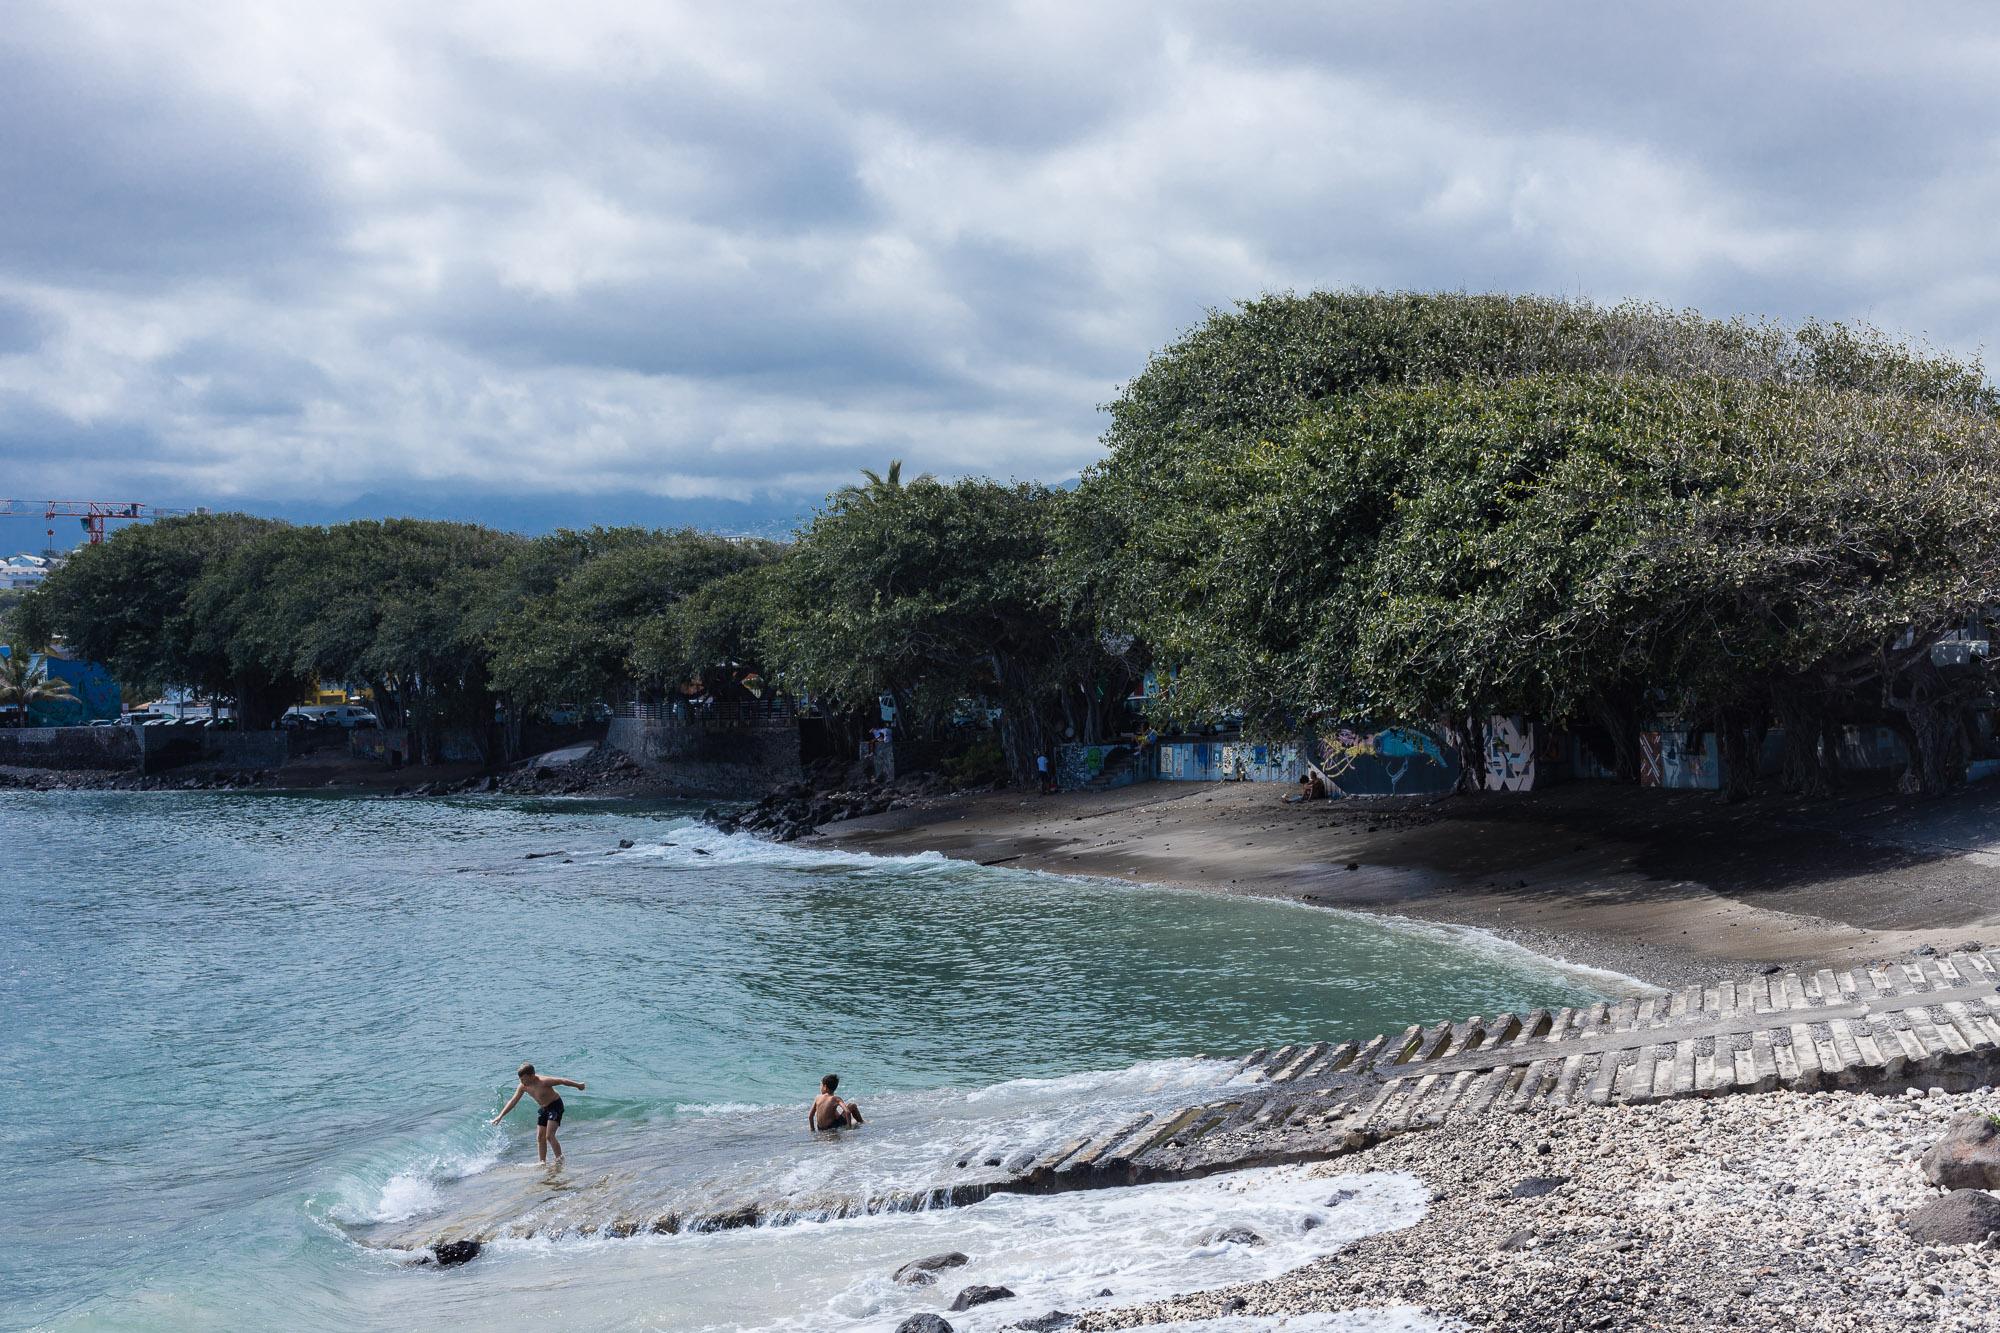 plage de Terre Sainte et banians, saint pierre, la réunion